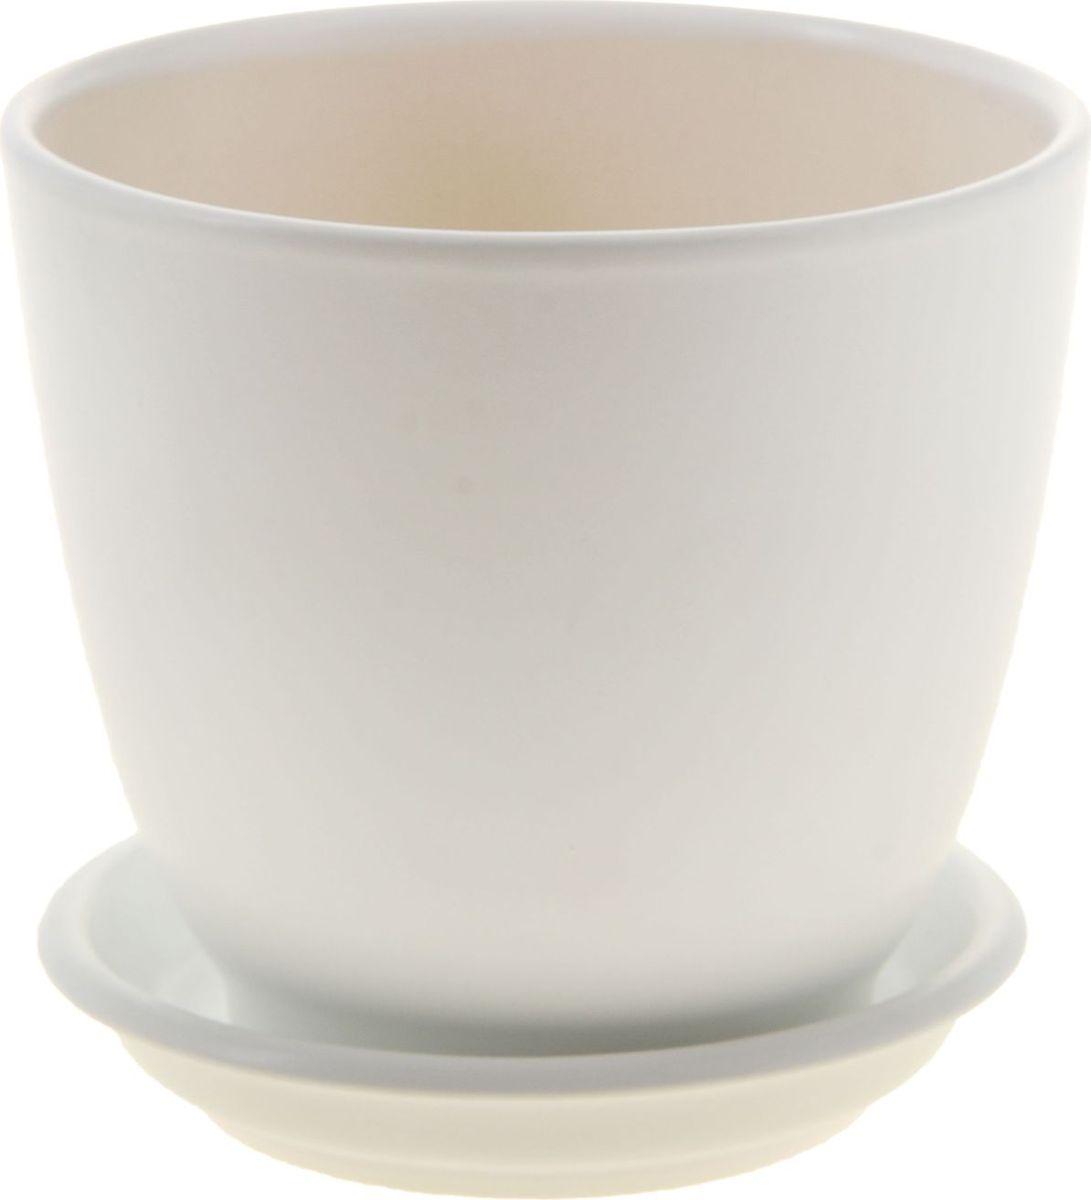 Кашпо Керамика ручной работы Кедр. Глянец, цвет: белый, 1,6 л1019400Комнатные растения - всеобщие любимцы. Они радуют глаз, насыщают помещение кислородом и украшают пространство. Каждому из них необходим свой удобный и красивый дом. Кашпо из керамики прекрасно подходят для высадки растений:пористый материал позволяет испаряться лишней влаге;воздух, необходимый для дыхания корней, проникает сквозь керамические стенки. Кашпо Кедр позаботится о зеленом питомце, освежит интерьер и подчеркнет его стиль.